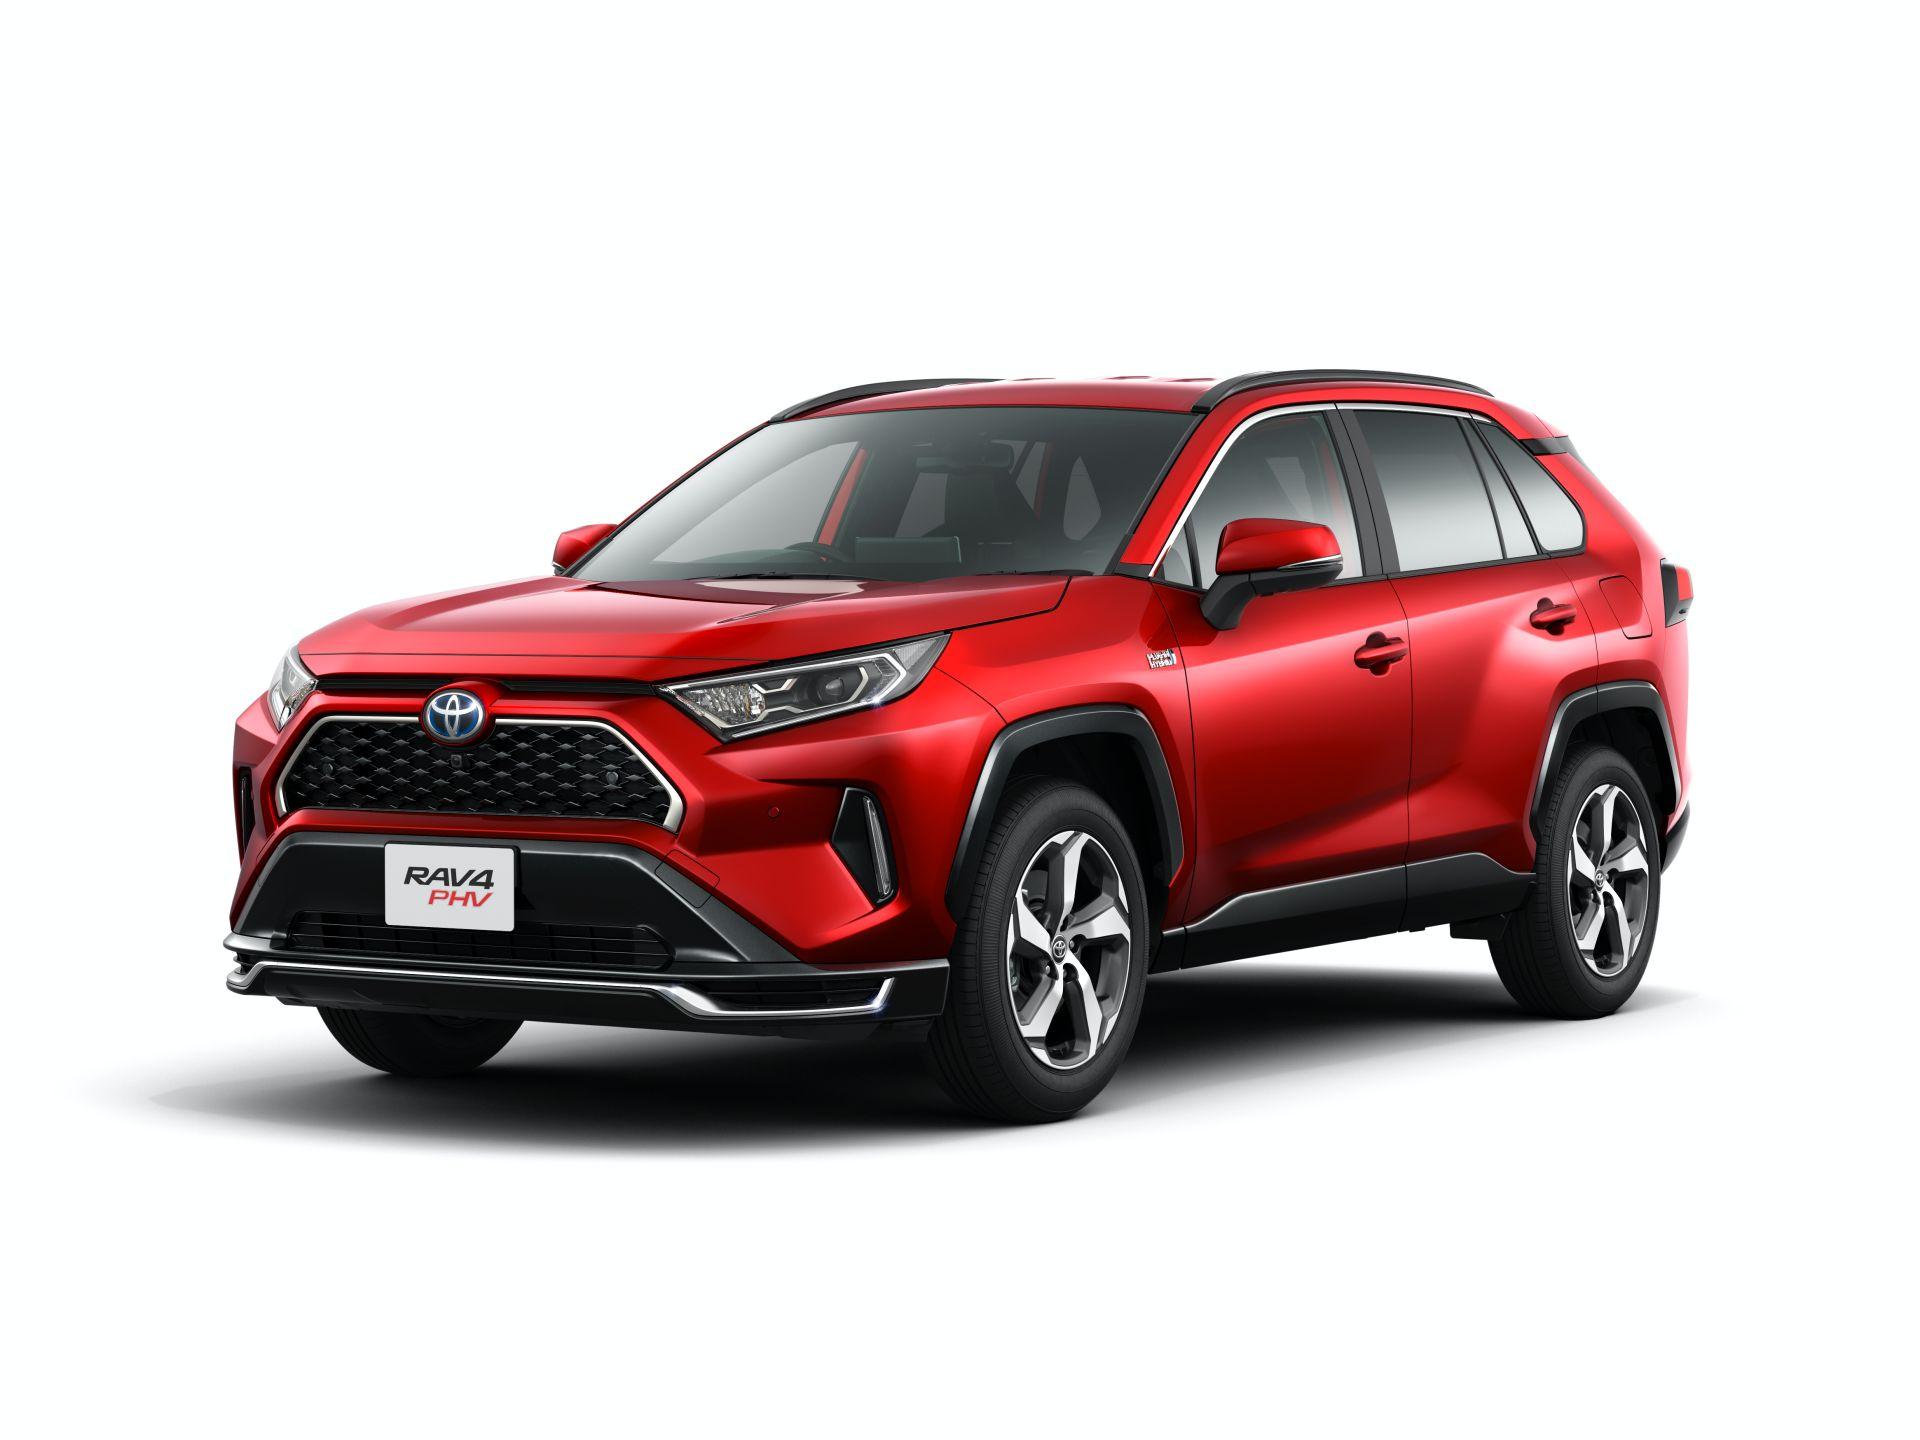 Toyota_RAV4_PHV_JDM_0027